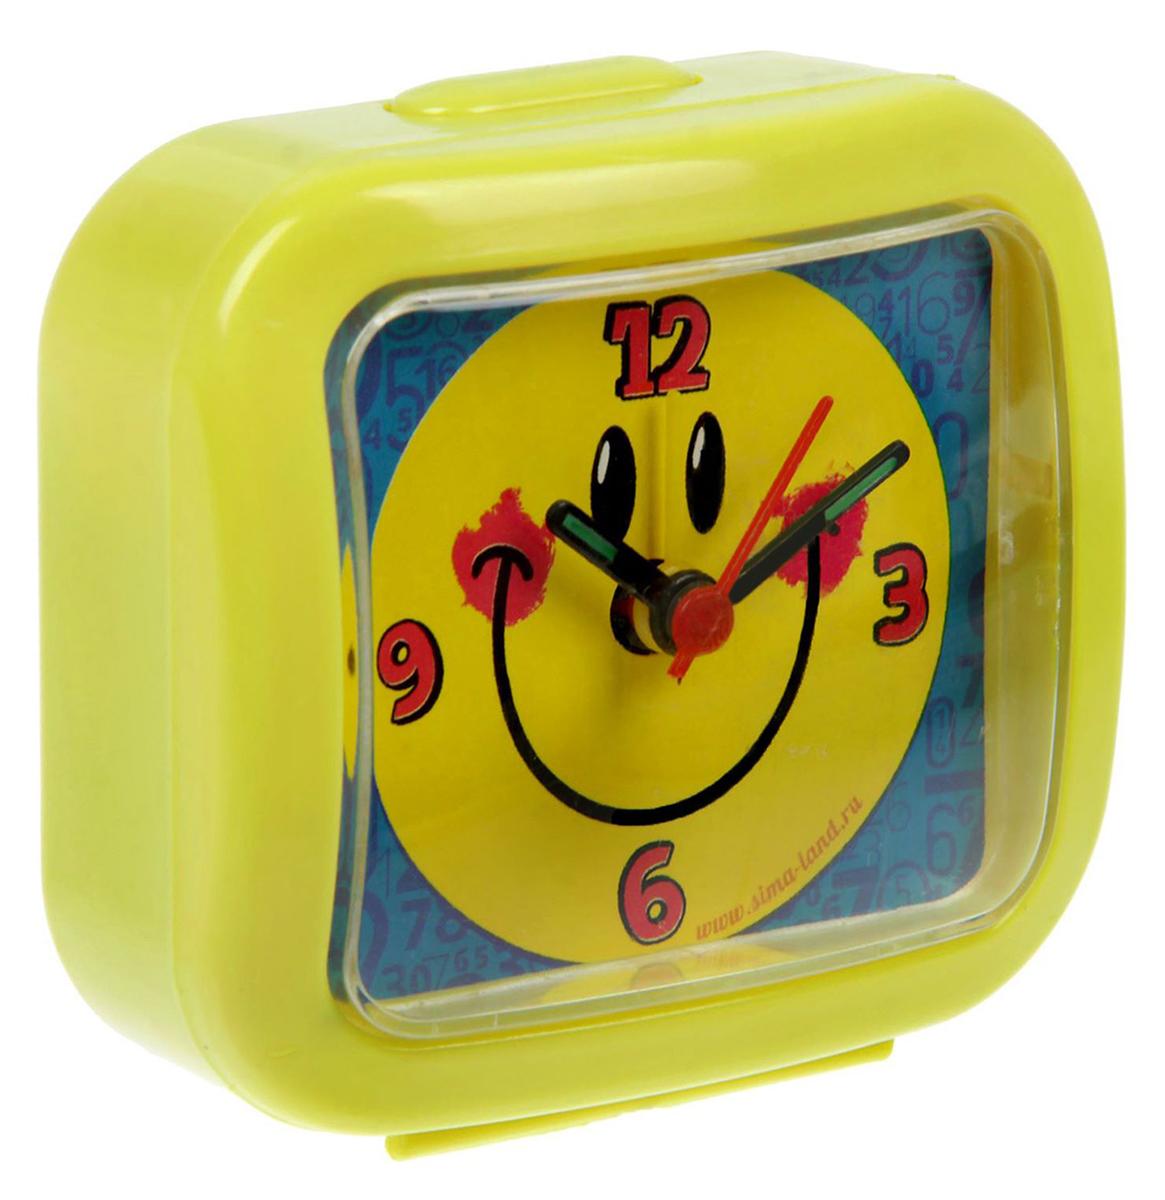 Часы-будильник Смайл, 7 х 7,7 см. 15020231502023Как же сложно иногда вставать вовремя! Всегда так хочется поспать еще хотя бы 5 минут, и бывает, что мы просыпаем…Теперь этого не случится! Яркий, оригинальный будильник поможет вам всегда вставать в нужное время и успевать везде и всюду. Пользоваться будильником очень легко: нужно всего лишь поставить батарейку (в комплект не входит), настроить точное время и установить время звонка.